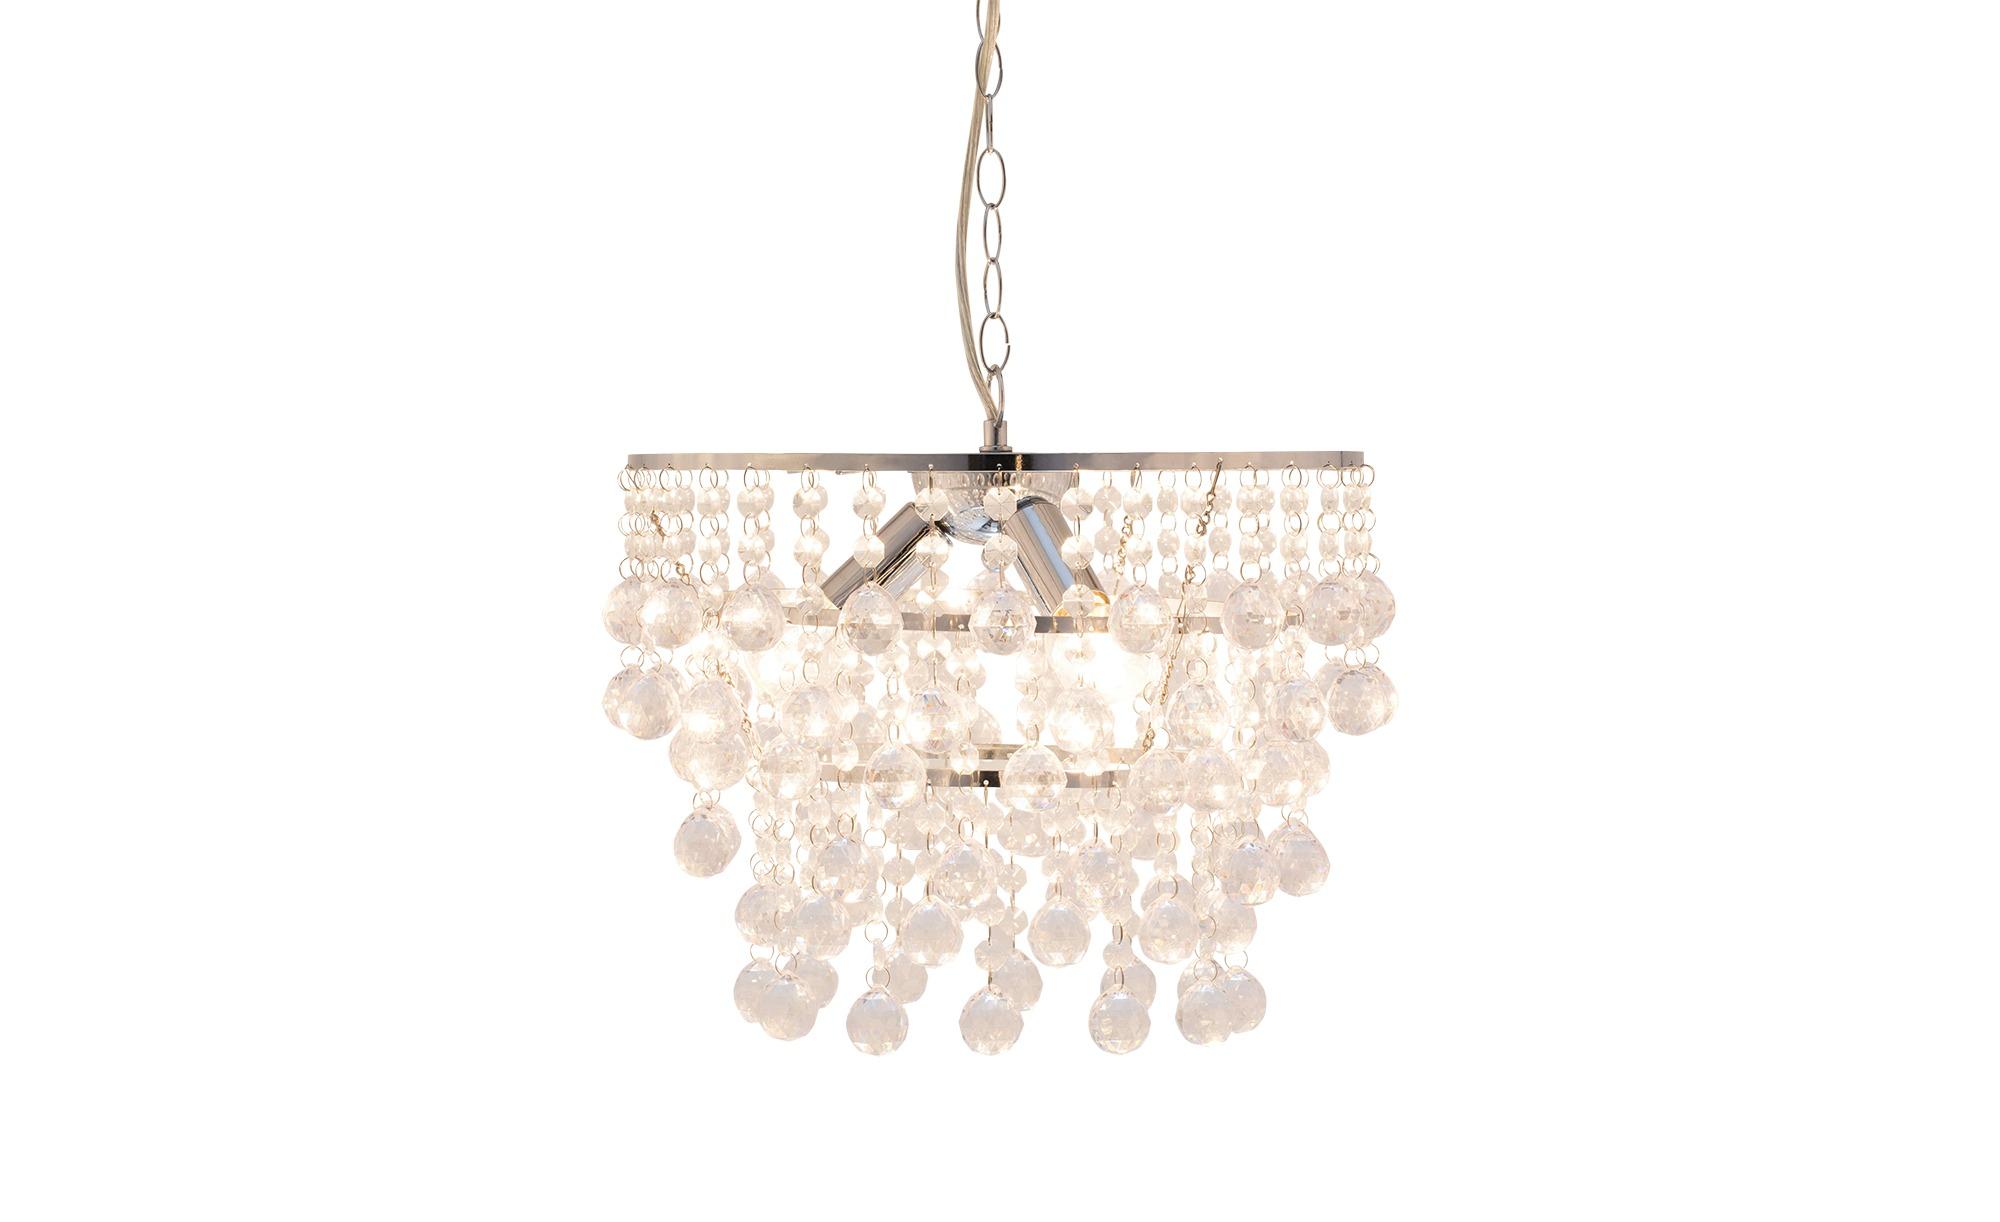 Pendelleuchte mit geschliffenem Glasbehang ¦ silber ¦ Maße (cm): H: 27 Ø: 35 Lampen & Leuchten > Innenleuchten > Pendelleuchten - Höffner